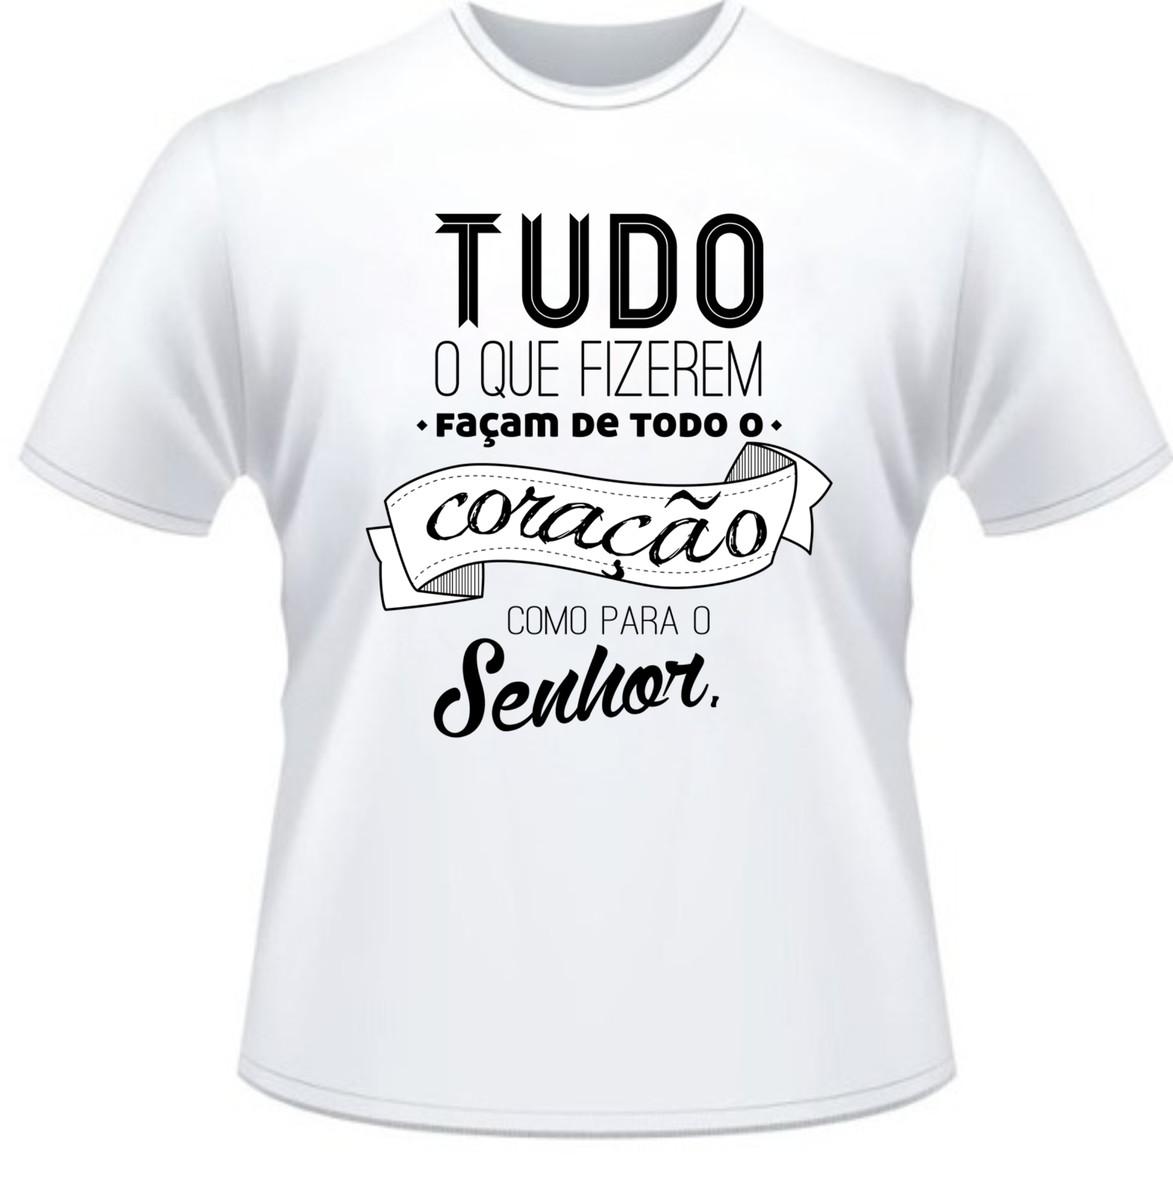 Zoom · Camiseta Evangélica Senhor camiseta-evangelica-senhor-camiseta- masculina-personalizada b62046655fb